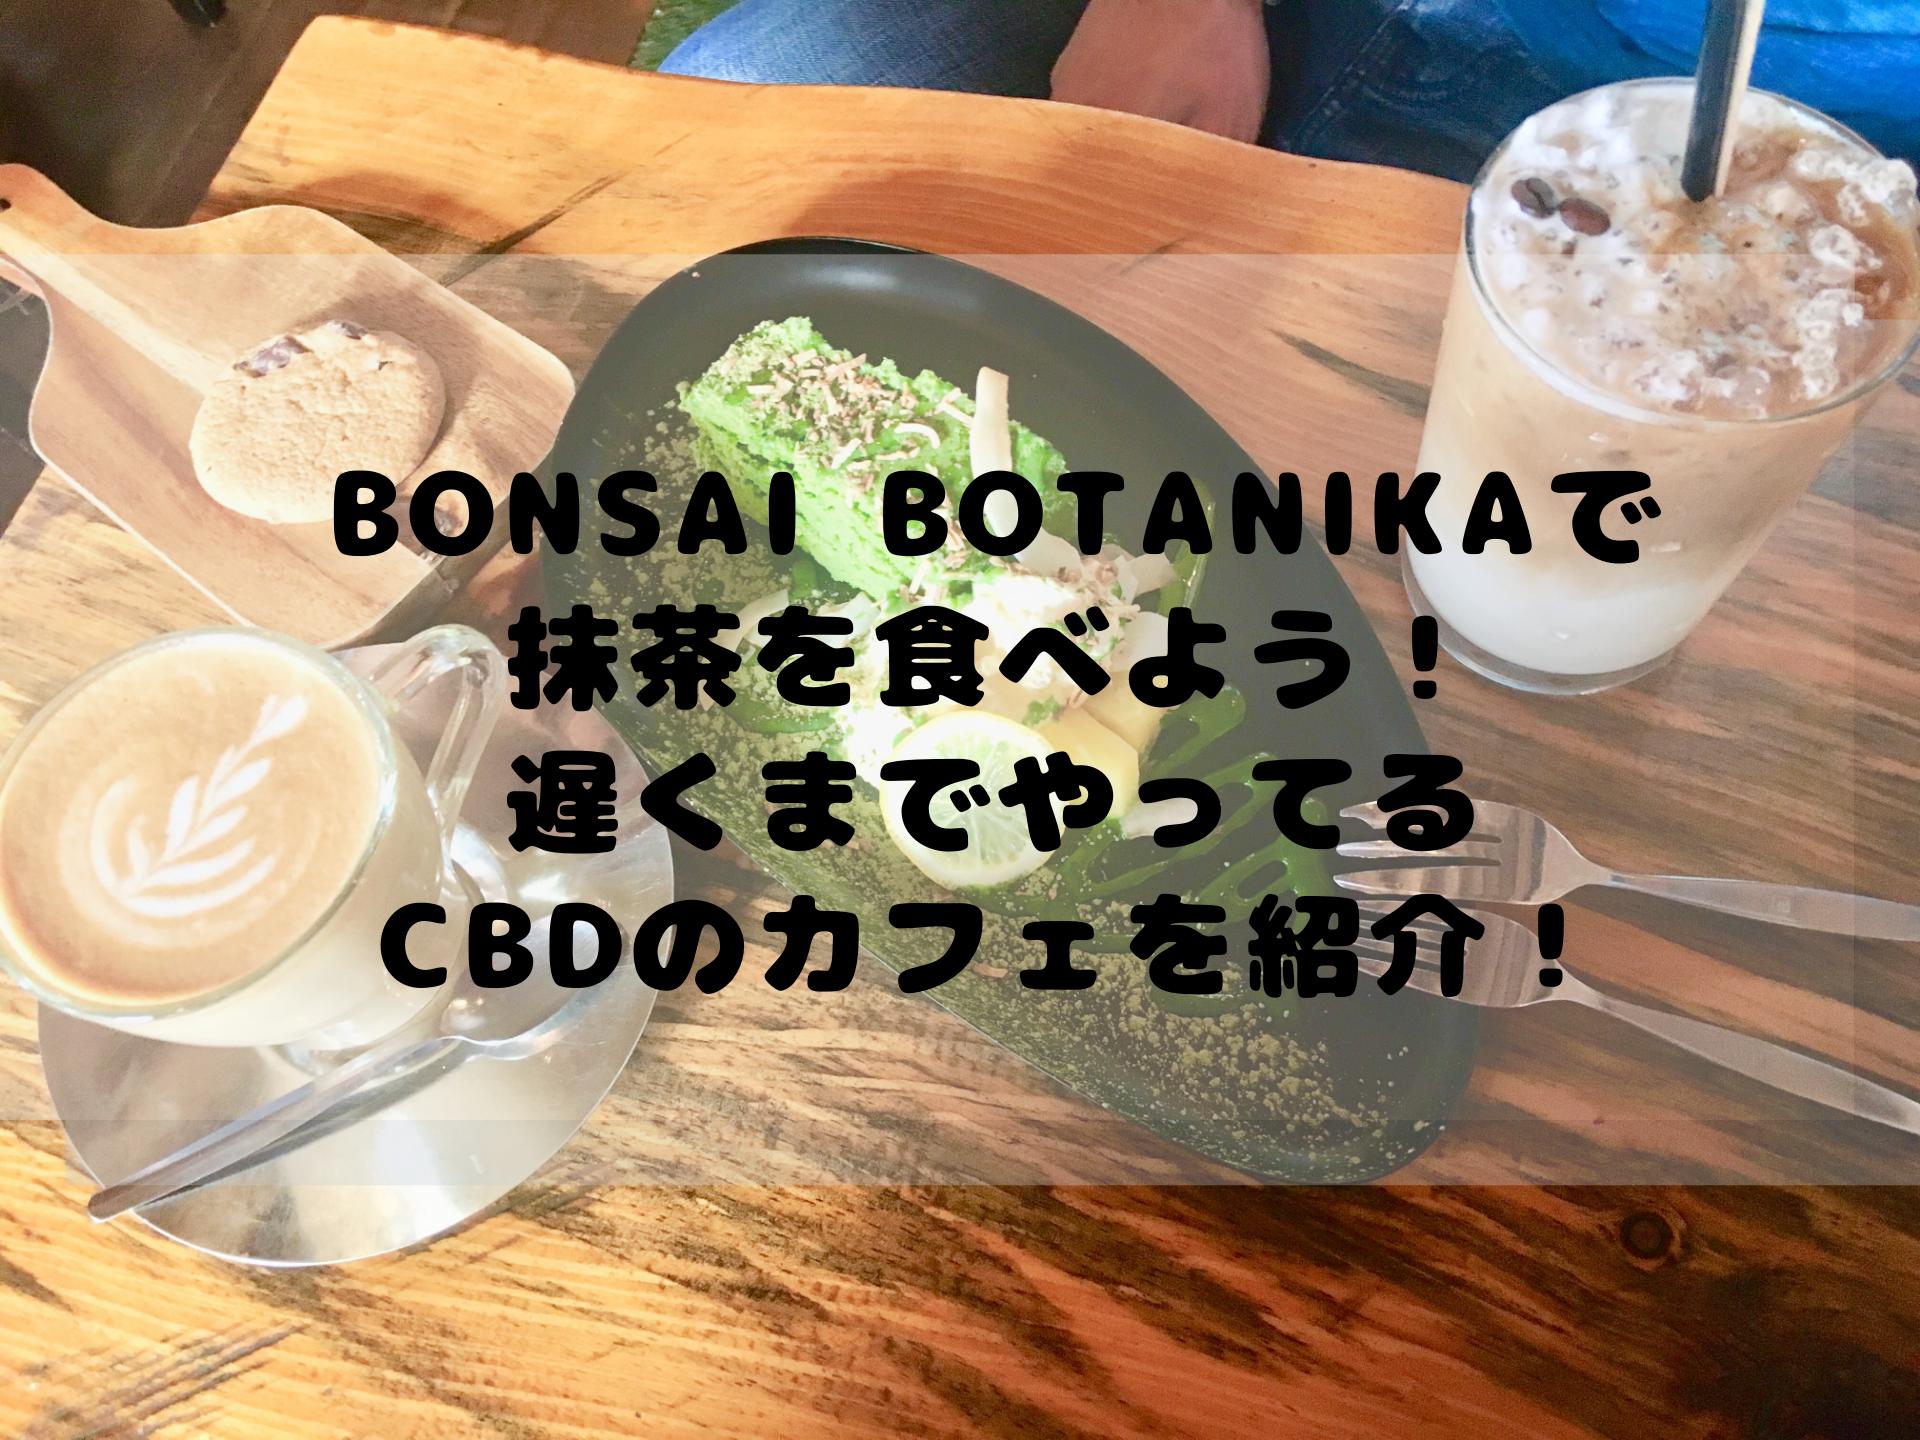 Bonsai Botanikaで 抹茶を食べよう! 遅くまでやってる CBDのカフェを紹介!